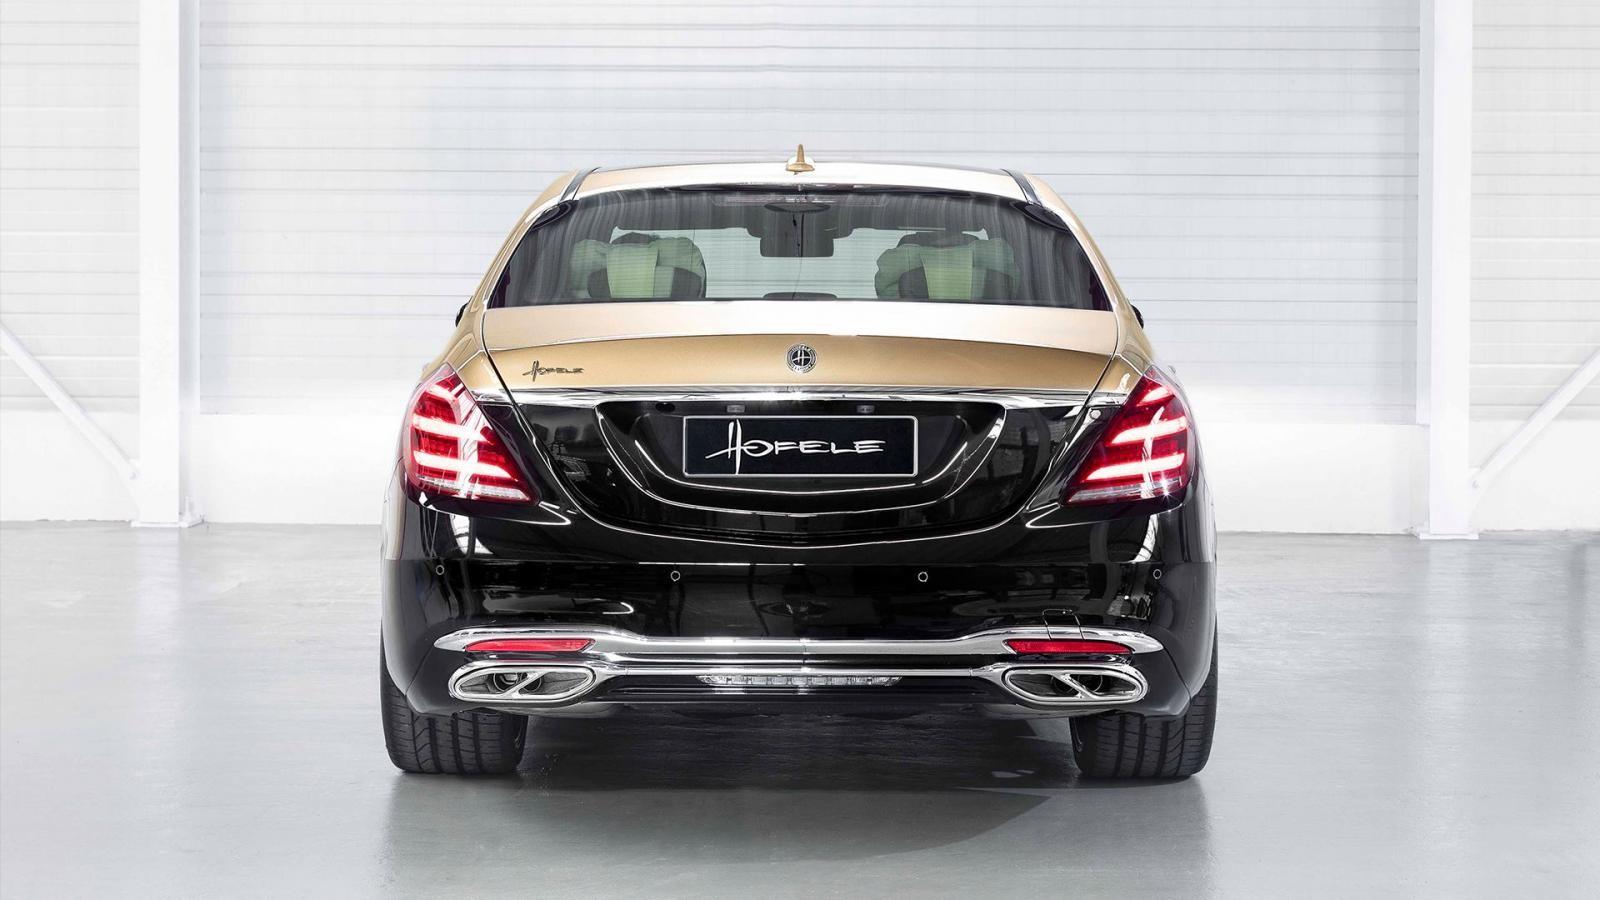 Chiếc Mercedes-Benz S-Class độ có thể vẫn dùng động cơ nguyên bản